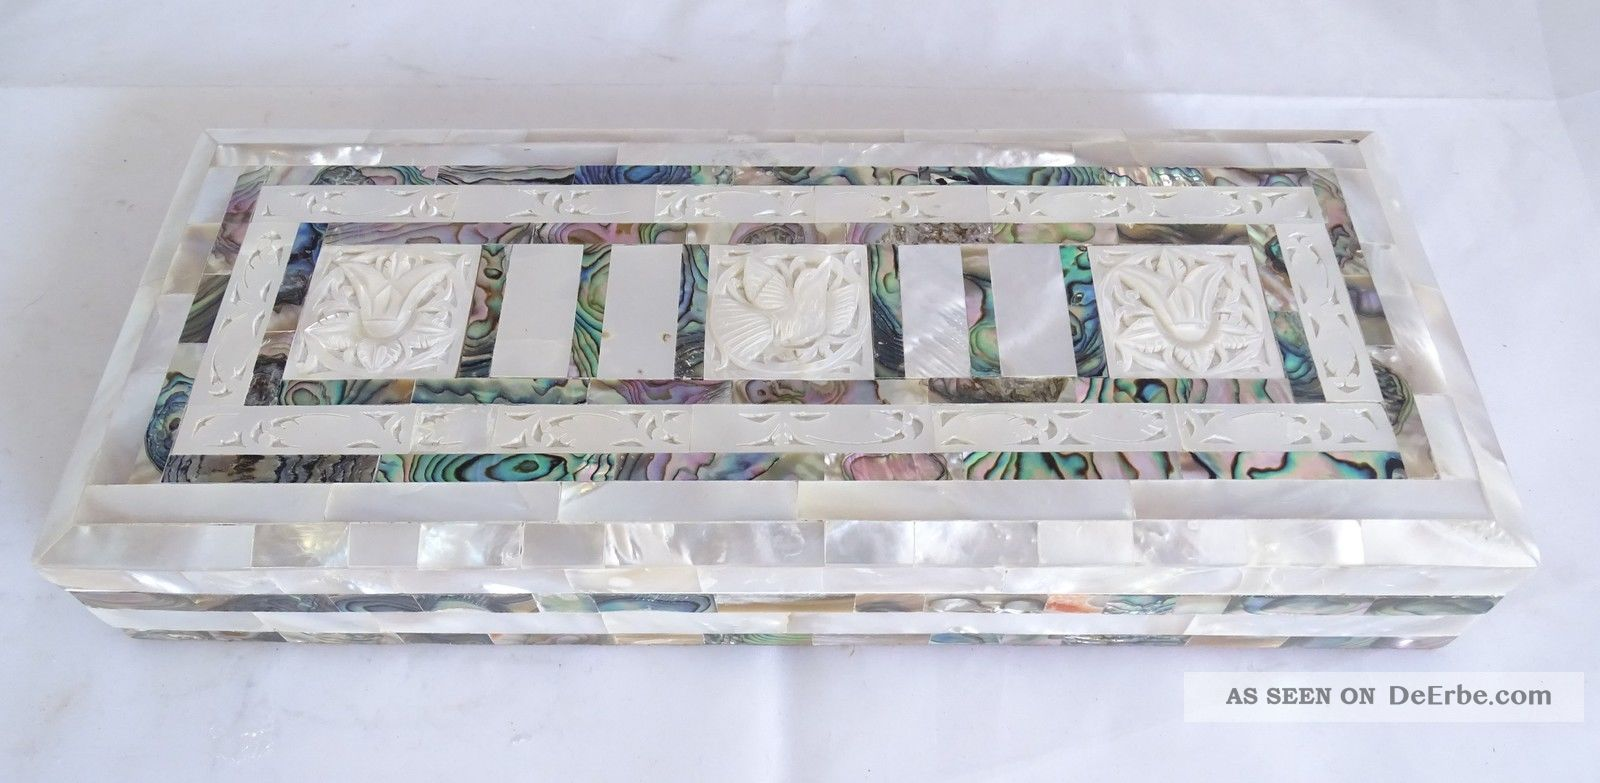 Antike Schmuck Schatulle Mit Herrlichen Floralen Perlmutt Einlegearbeiten Box Schmuck & Accessoires Bild